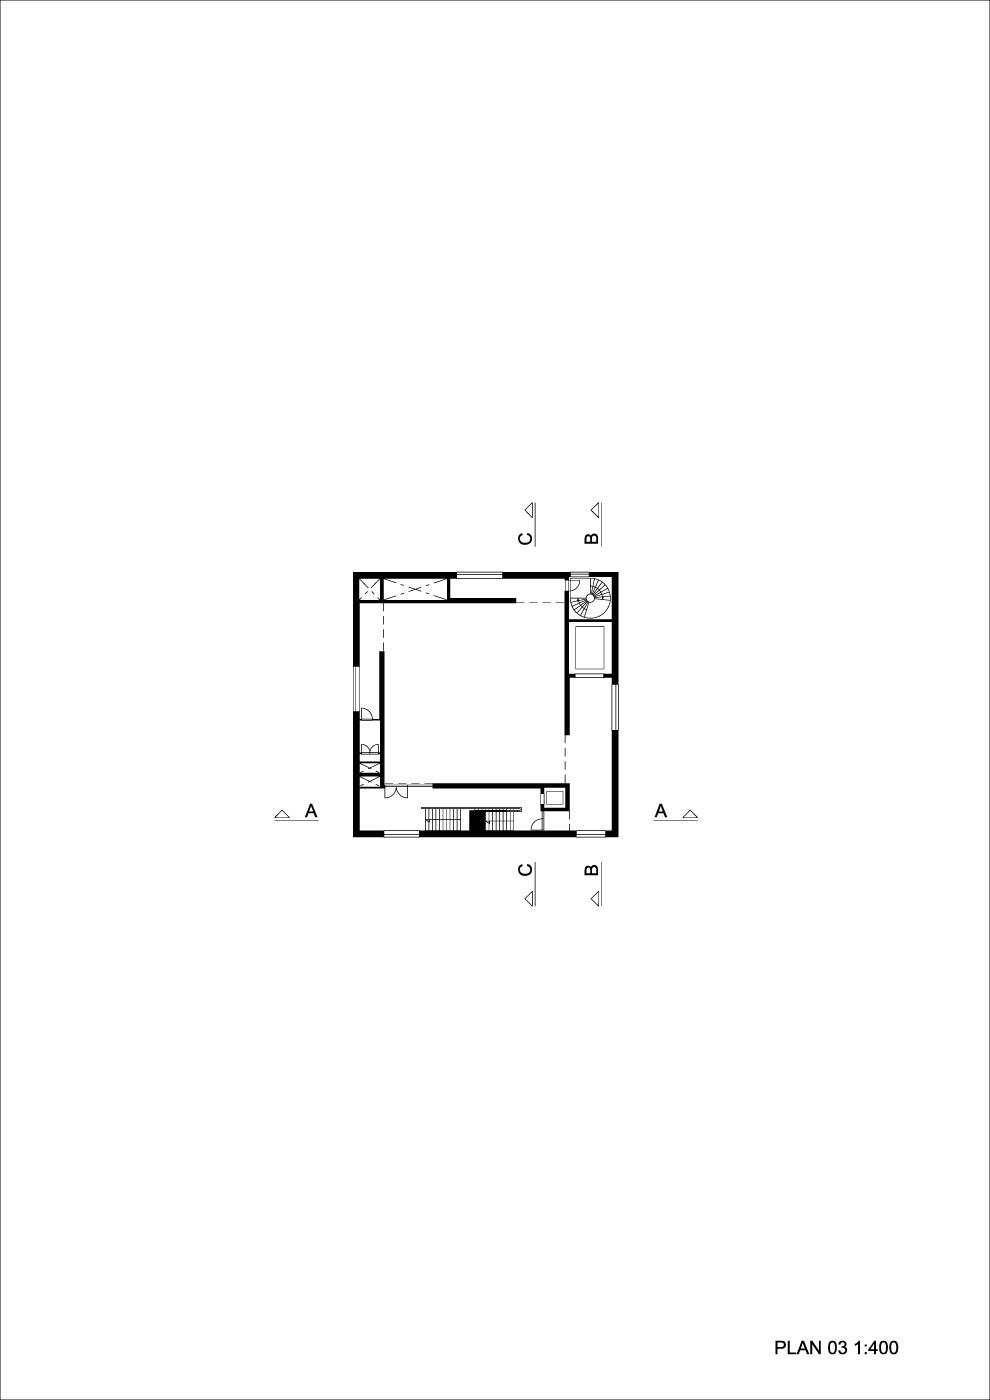 Floor plan 03 (Illustration: Henning Larsen Architects)